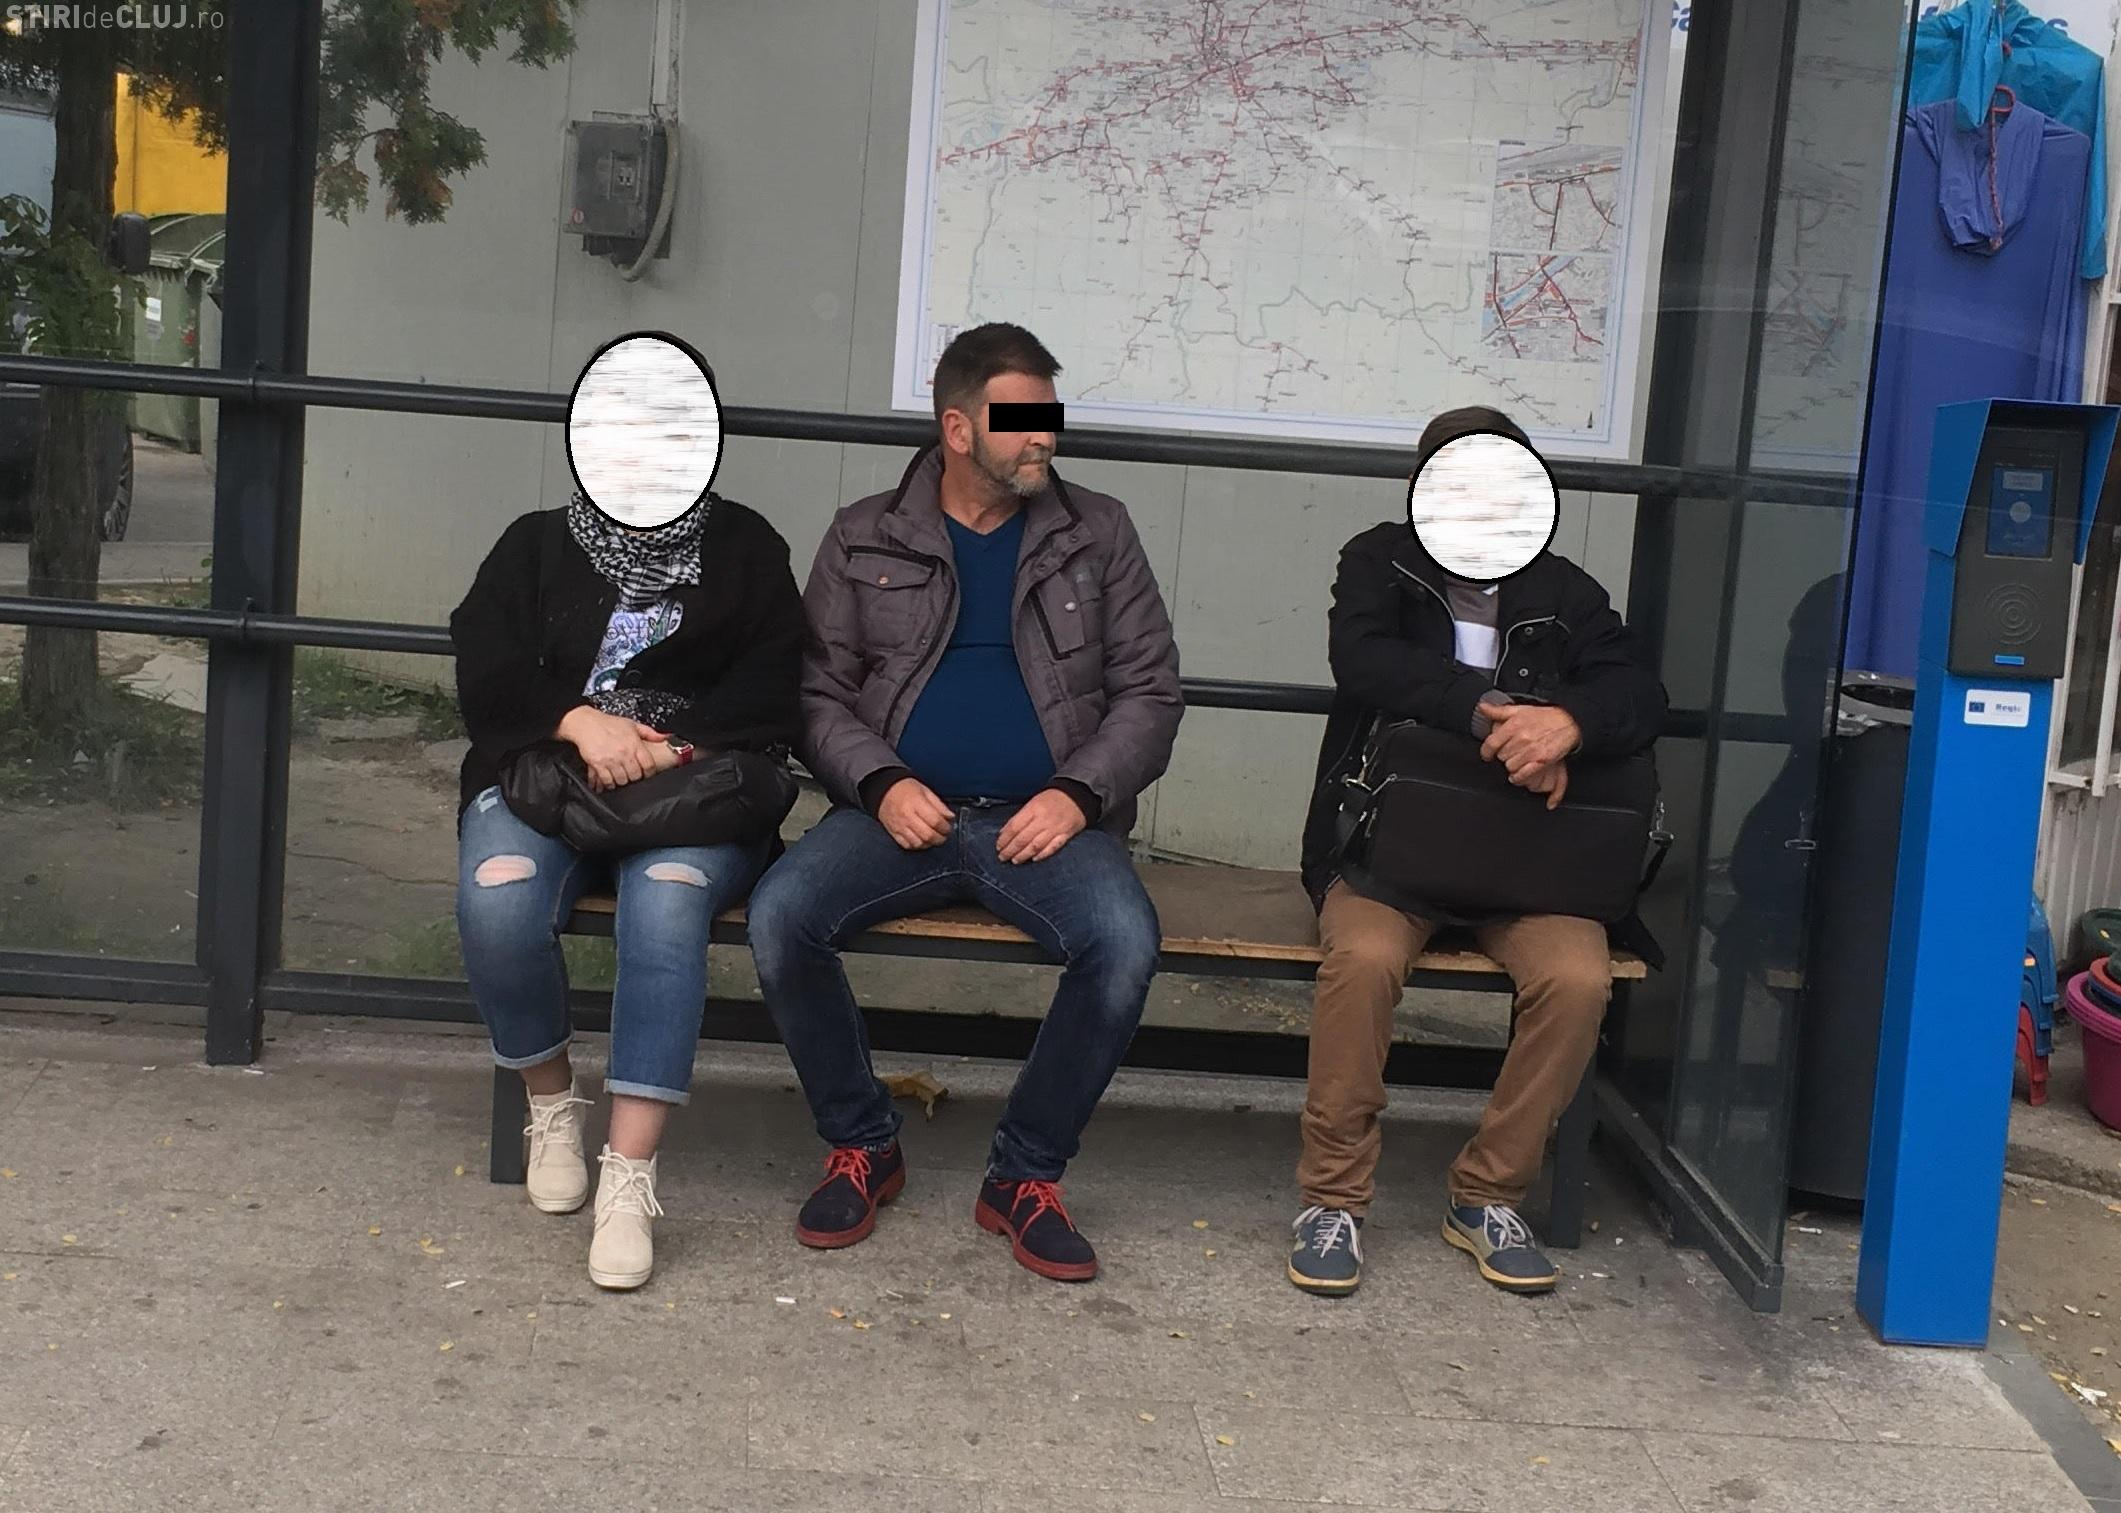 """Clujeancă """"pipăită"""" într-un autobuz CTP: Ca femeie ajungi să nu te simți în siguranță - FOTO"""